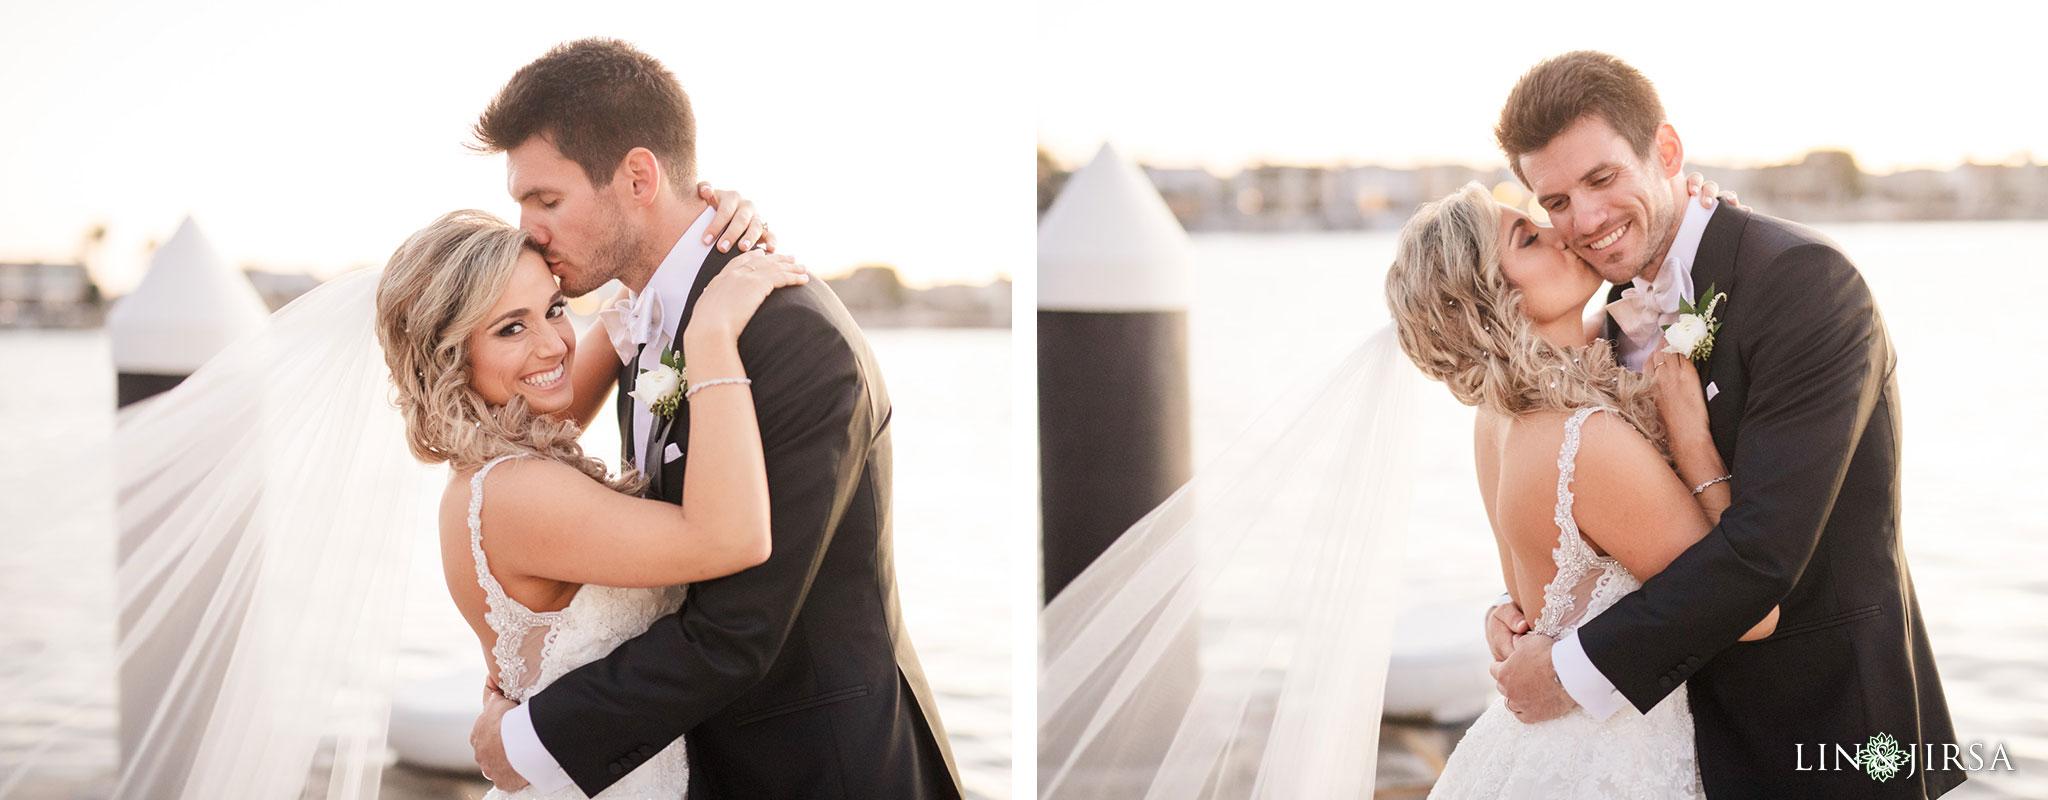 27 balboa bay wedding newport photography